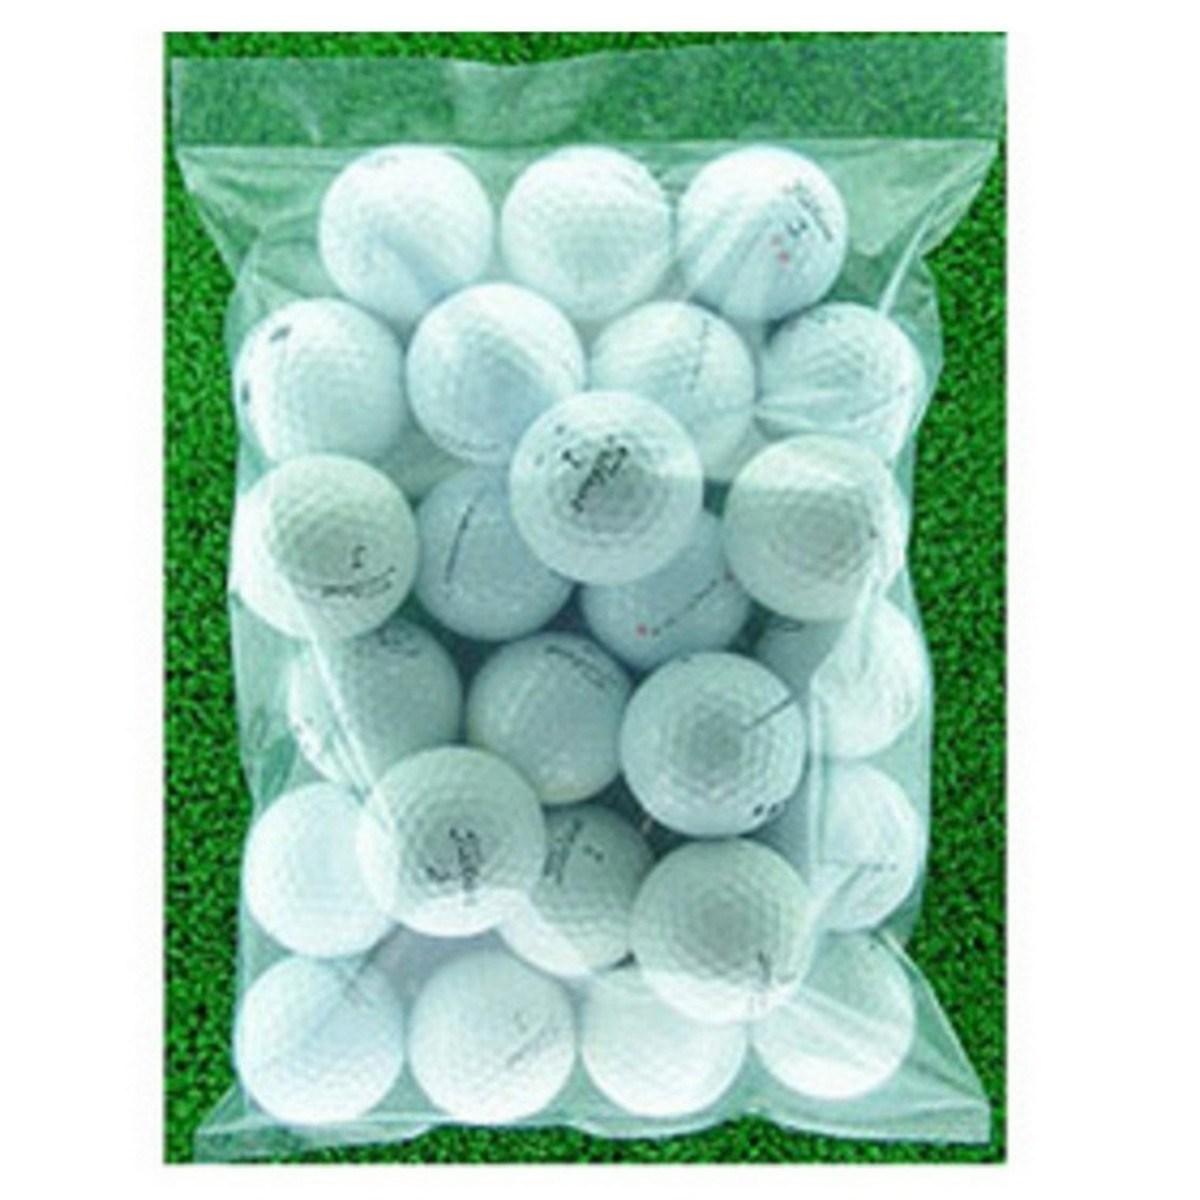 ロストボール メイホウゴルフ ロストボール プロV1大袋25個セット3パック75個セット